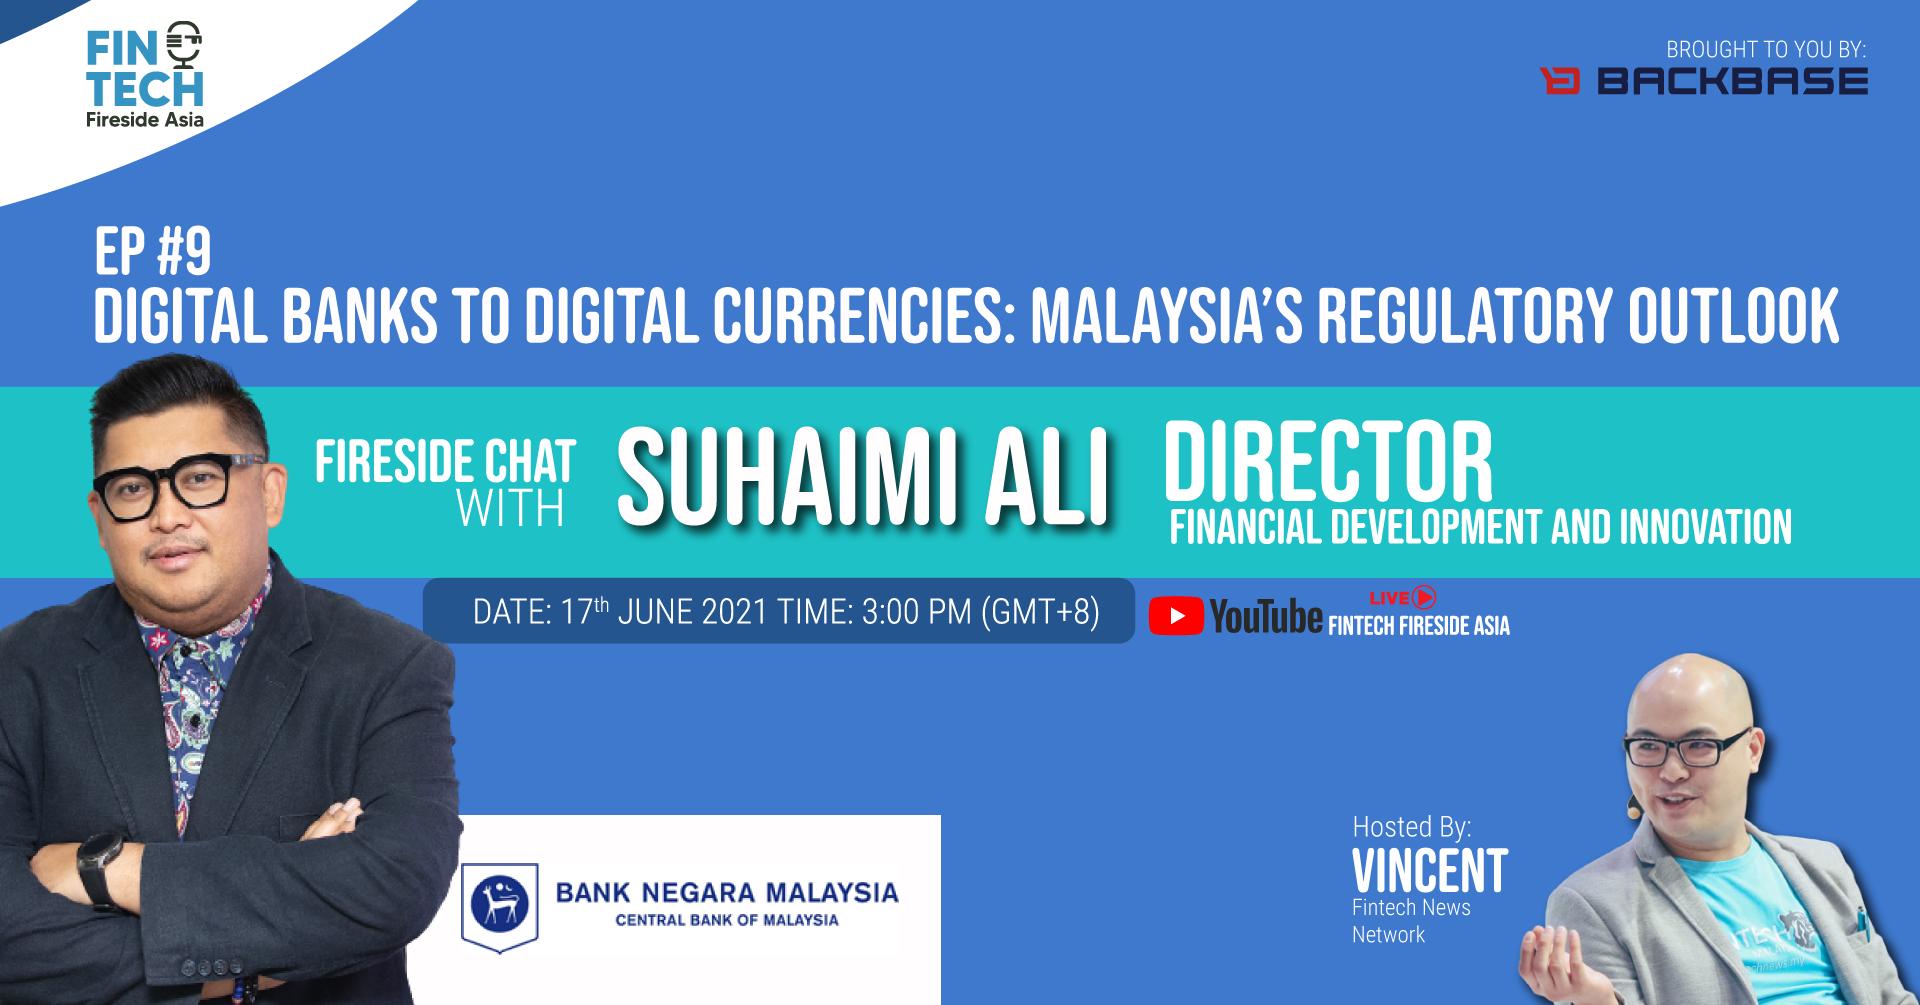 Malaysia's Regulatory Outlook